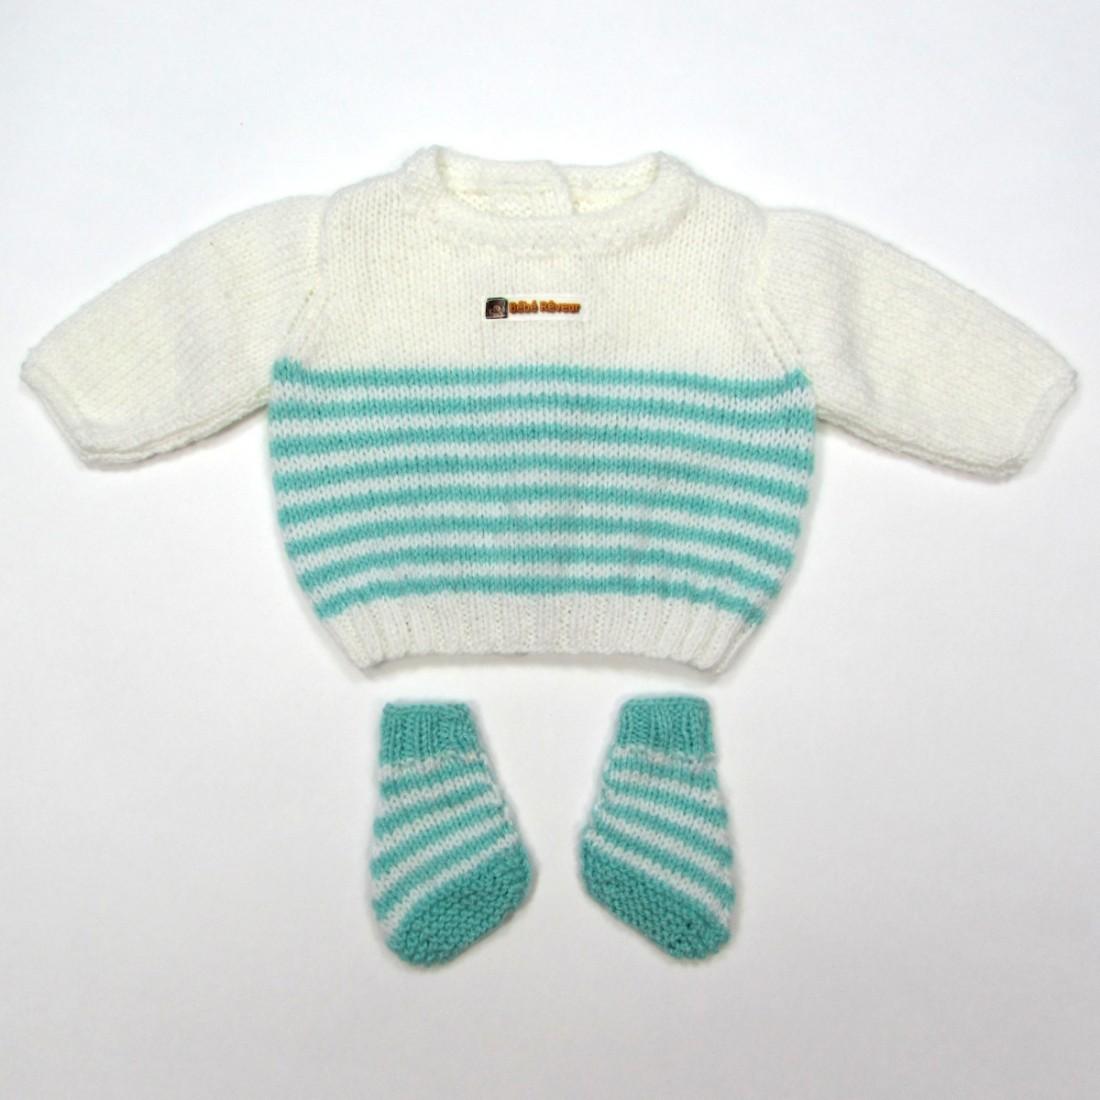 Trousseau brassière et chaussons pour bébé garçon prématuré blanc à rayures vertes